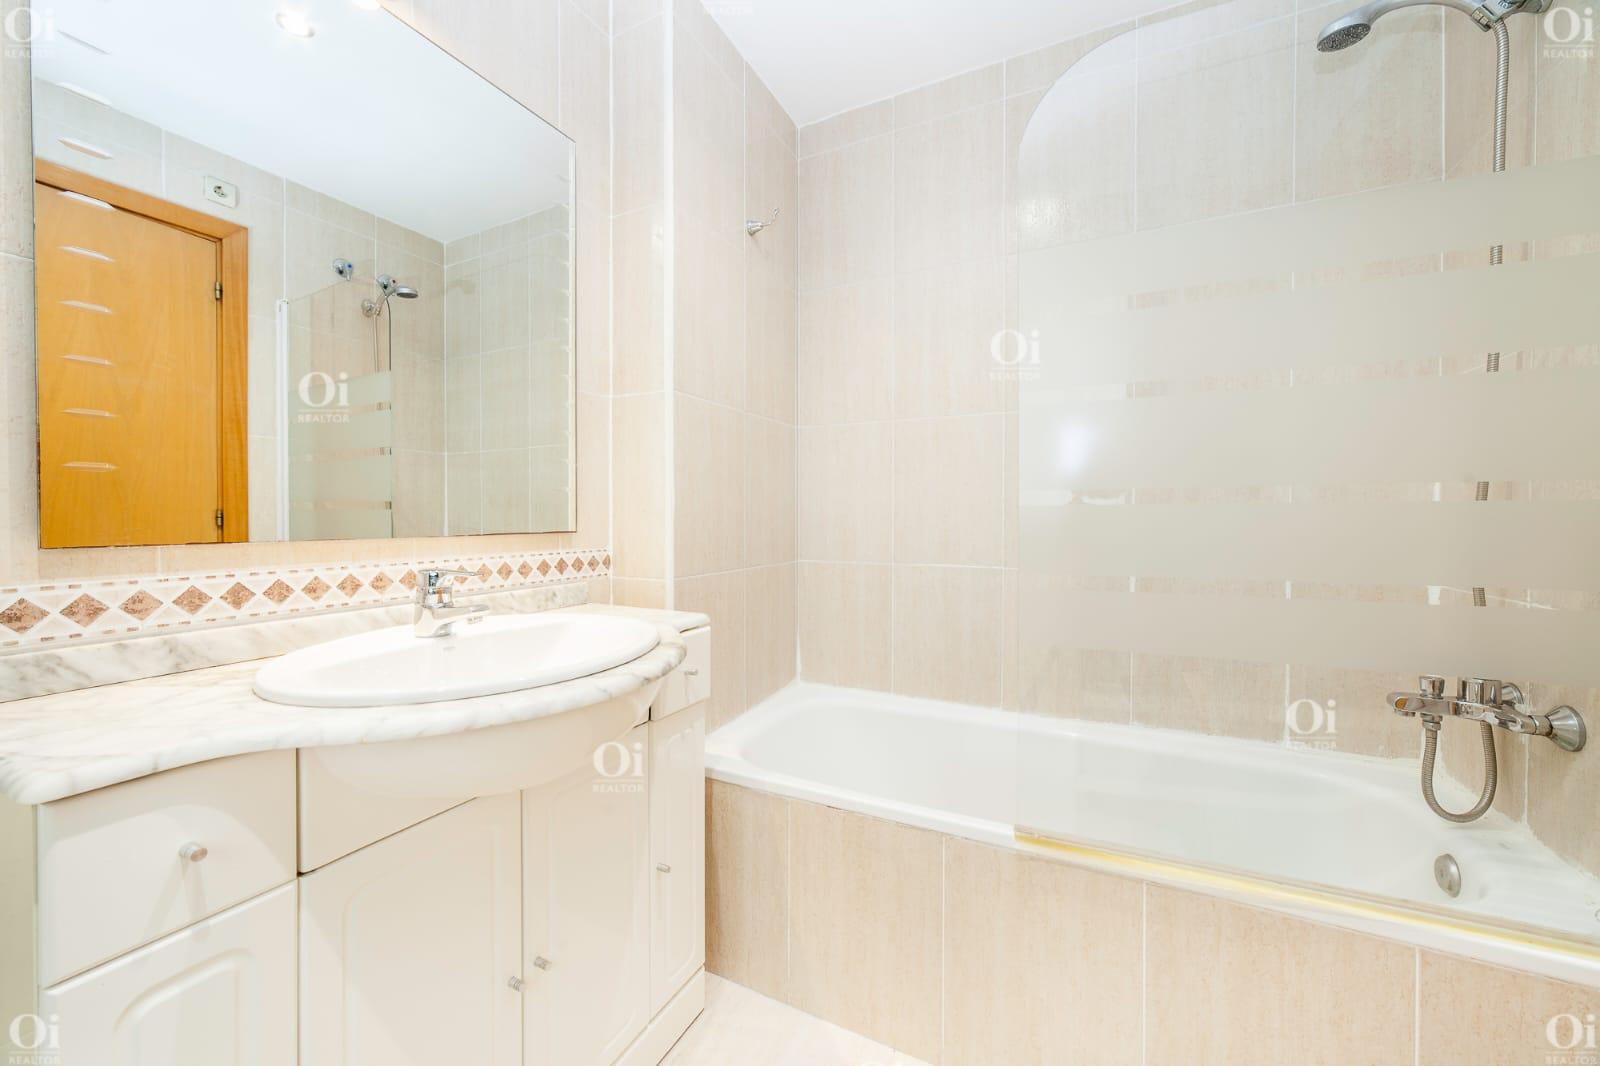 Продается квартира в районе Побленоу, Барселона.